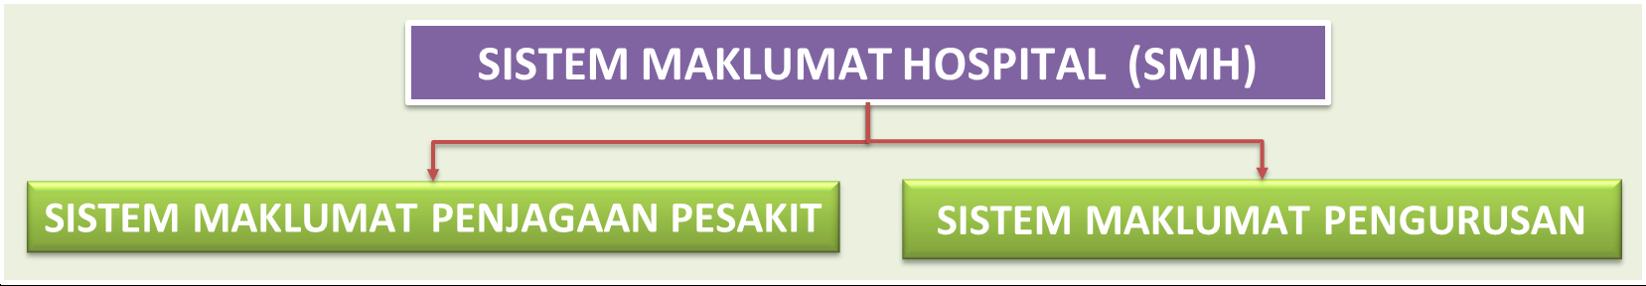 Sistem Maklumat Hospital